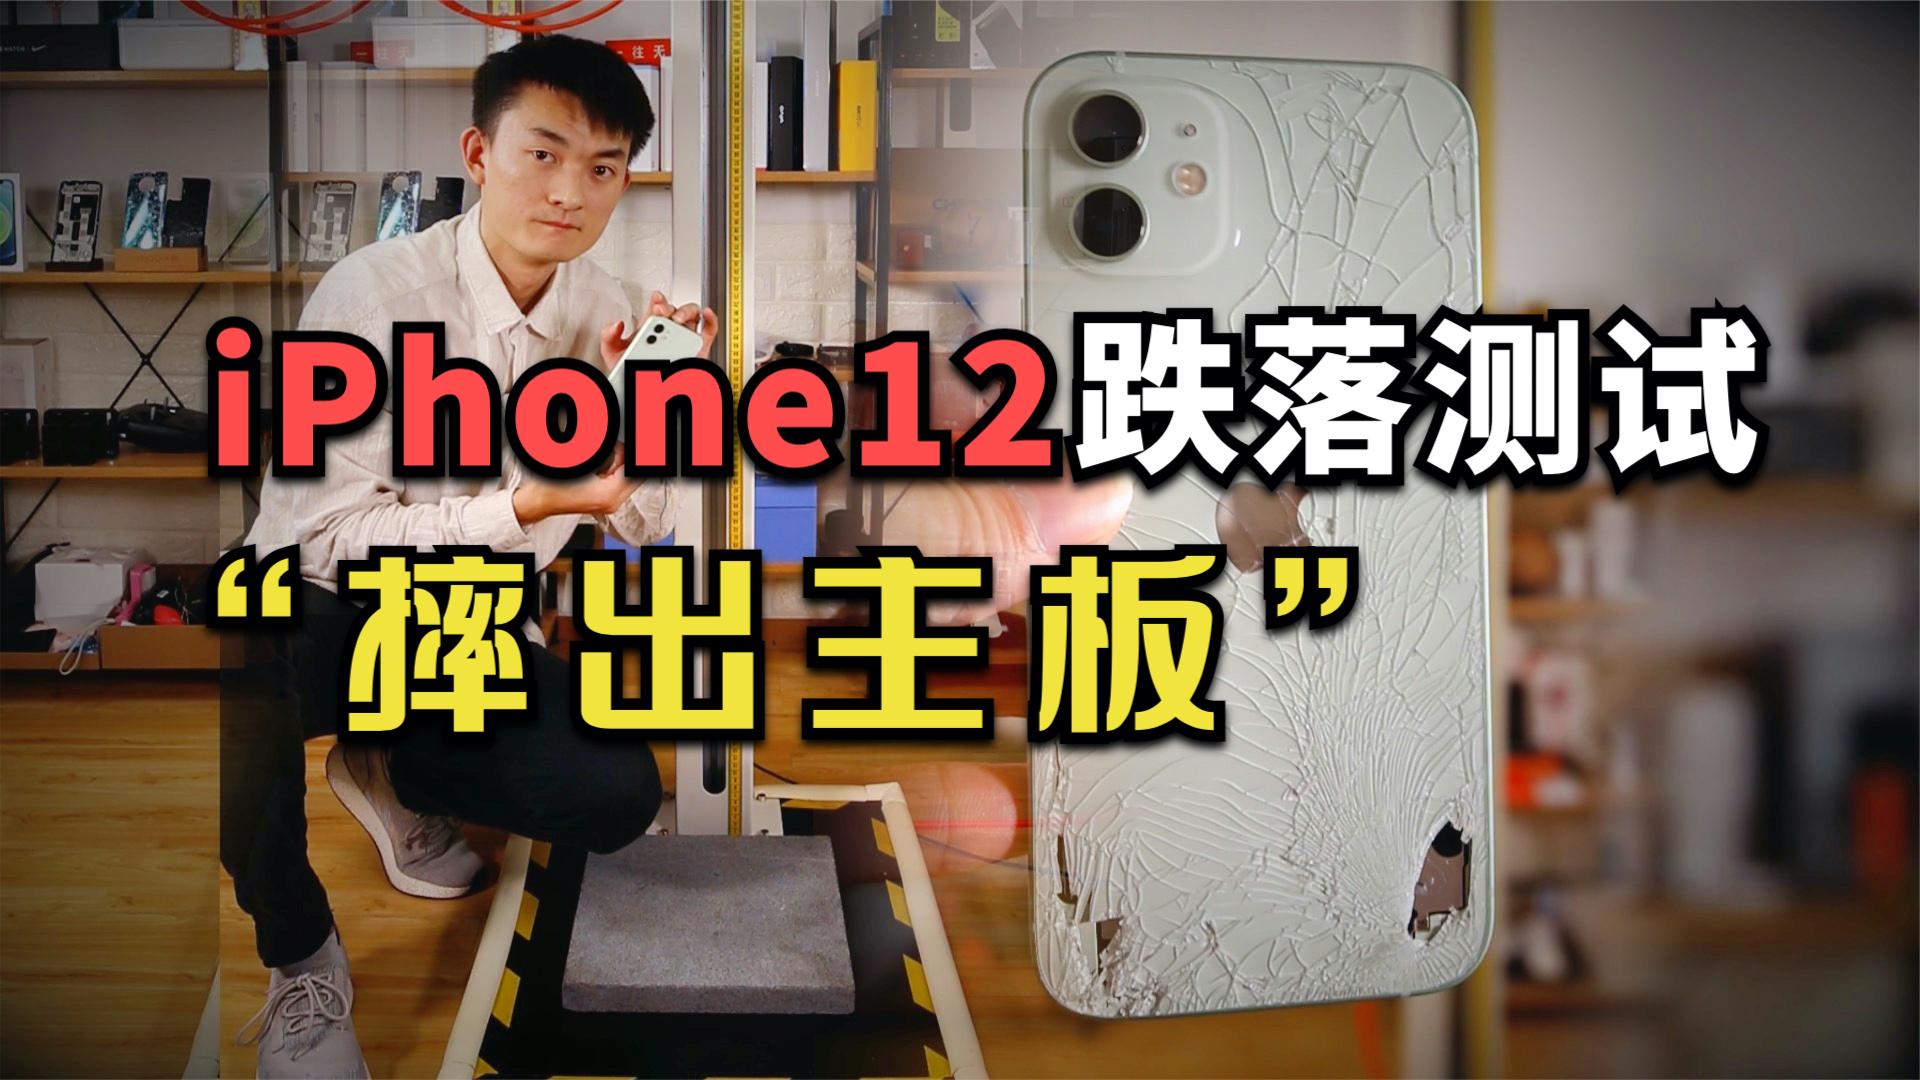 摔出主板!iPhone12暴力跌落测试 专业队出手【新评科技】